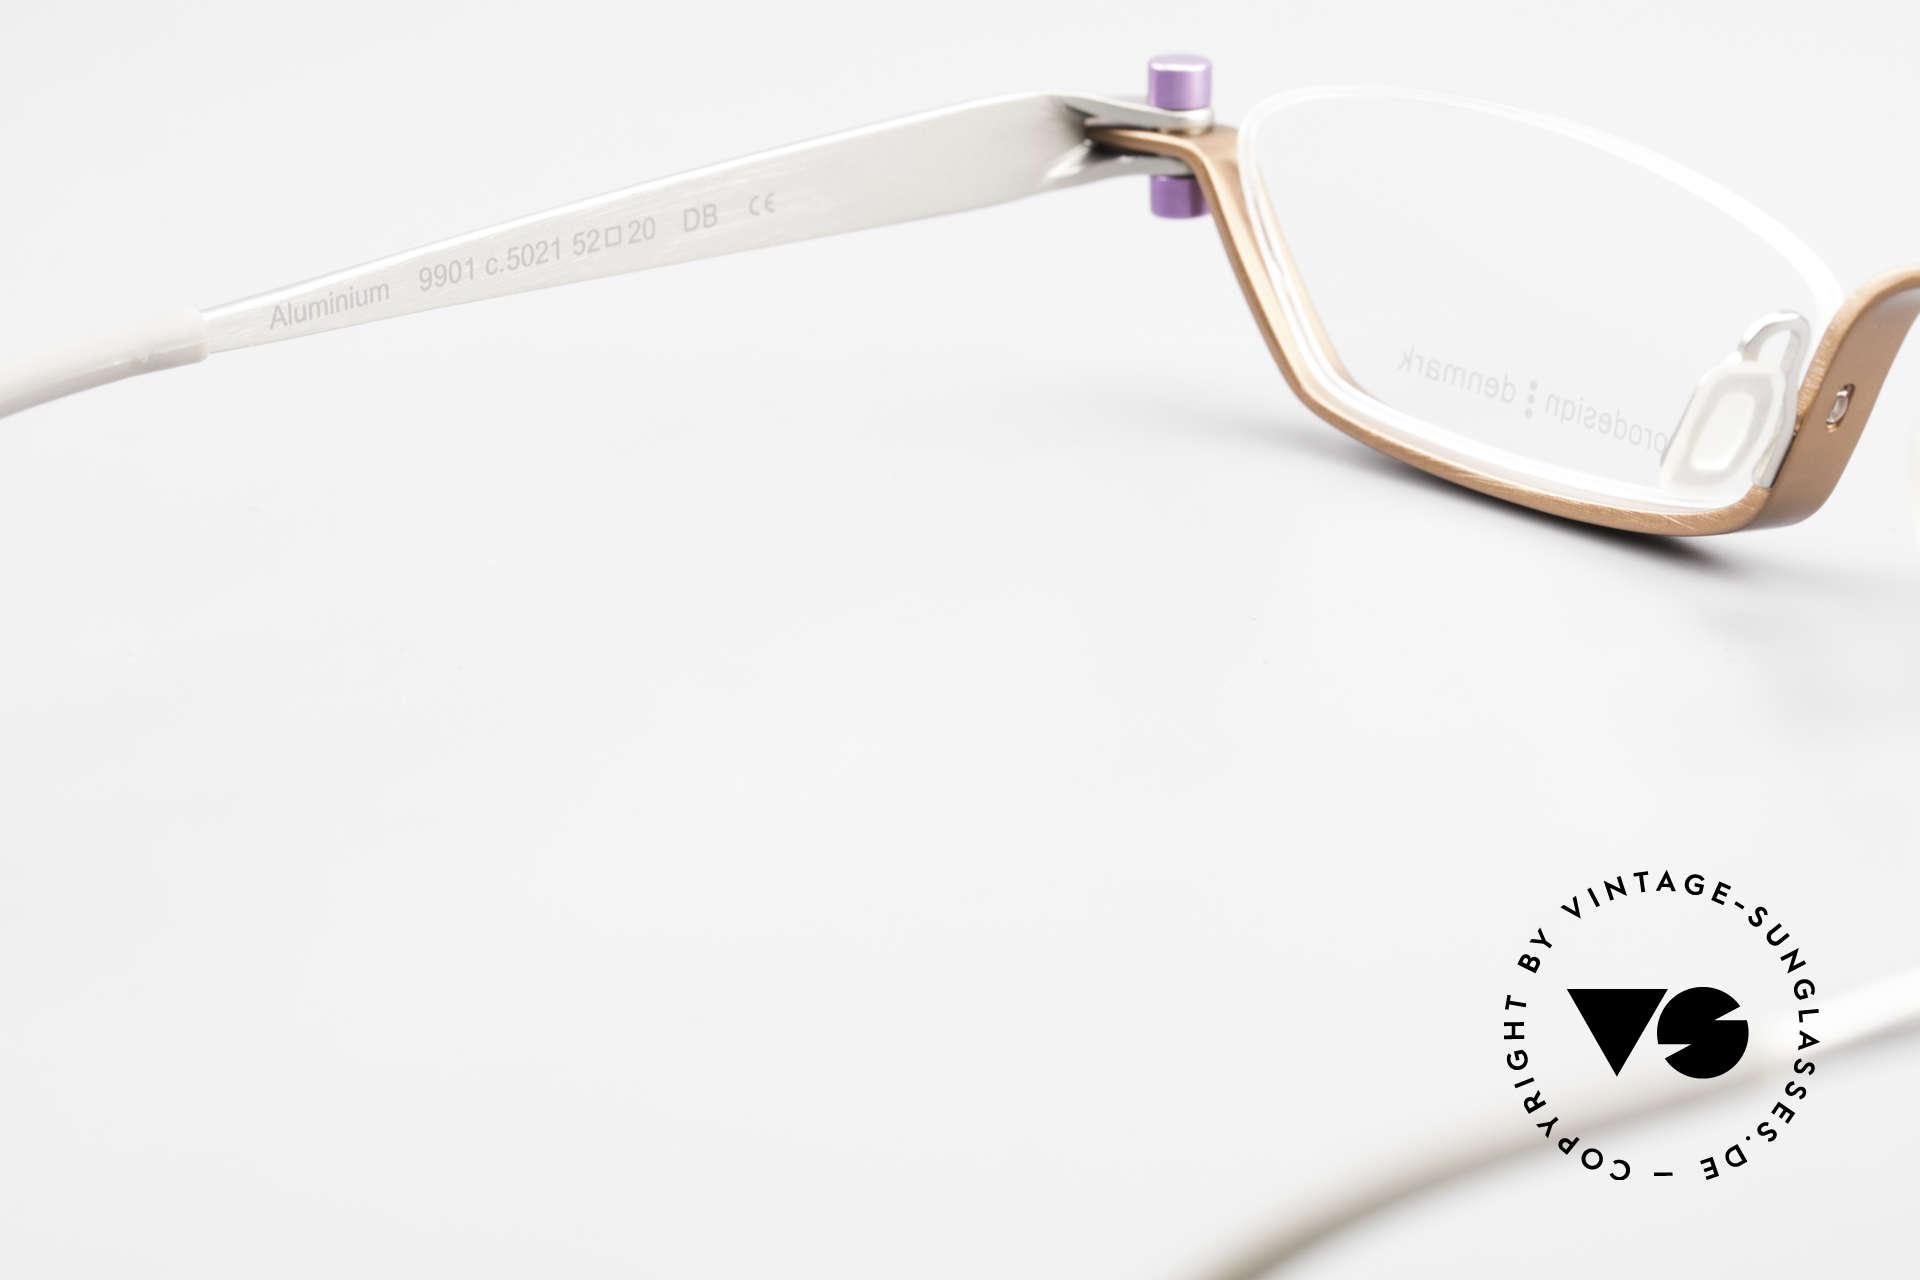 ProDesign 9901 Designer Brille Gail Spence, orig. Pro Design DEMO Gläser + Etui von ProDesign, Passend für Herren und Damen